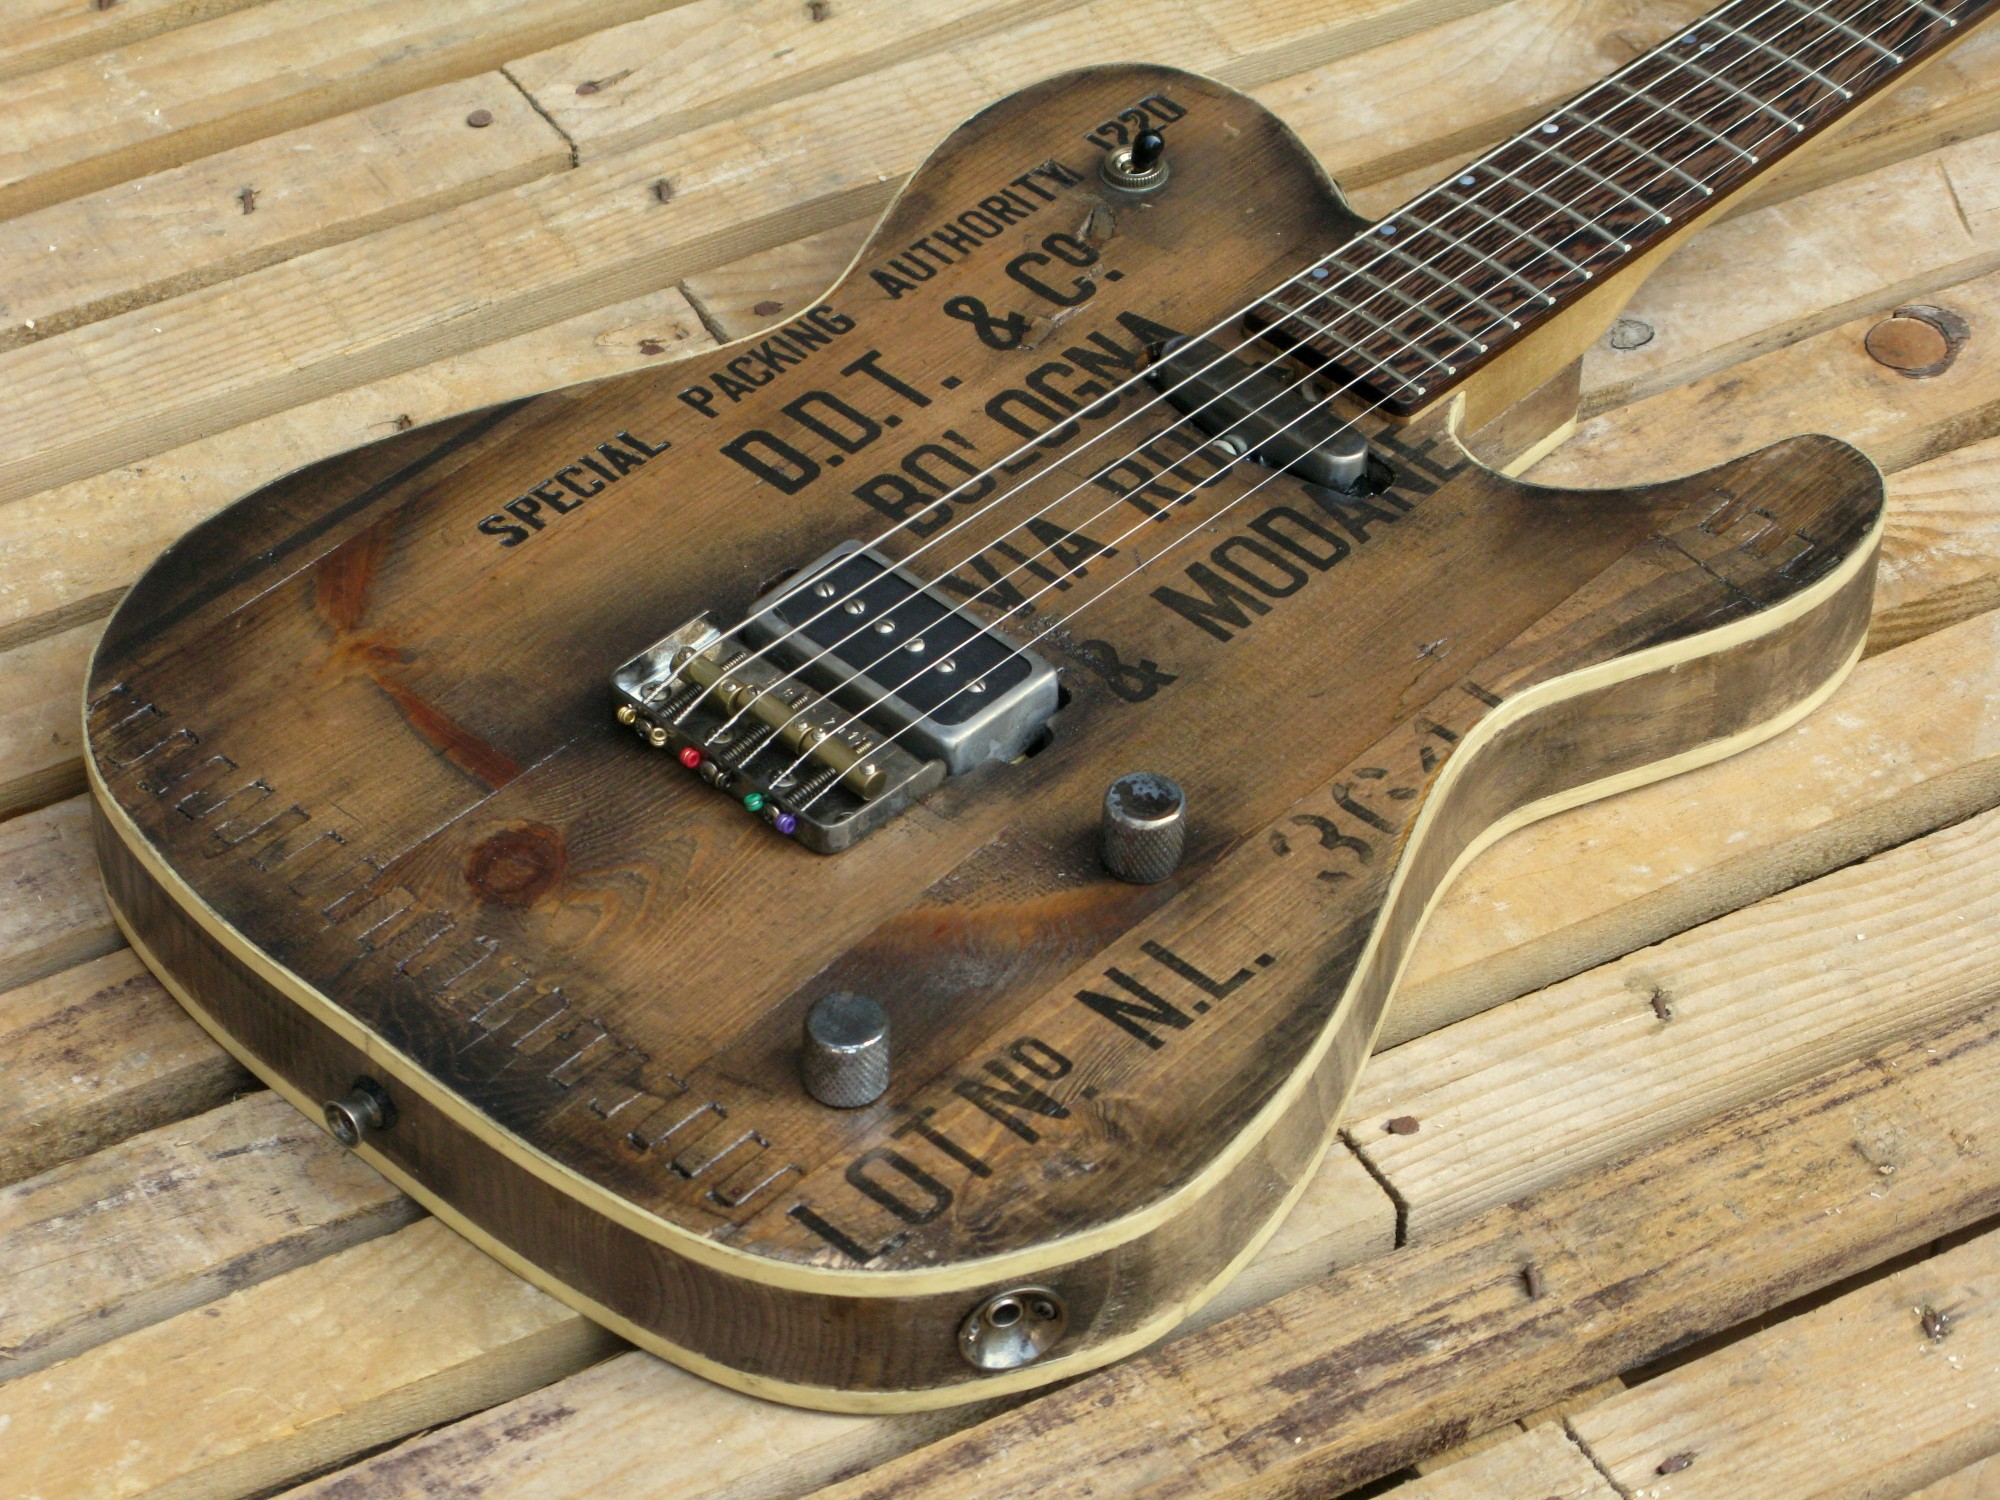 Chitarra elettrica baritono modello Tlelectsre con top ricavato da una vecchia cassetta di polvere da sparo